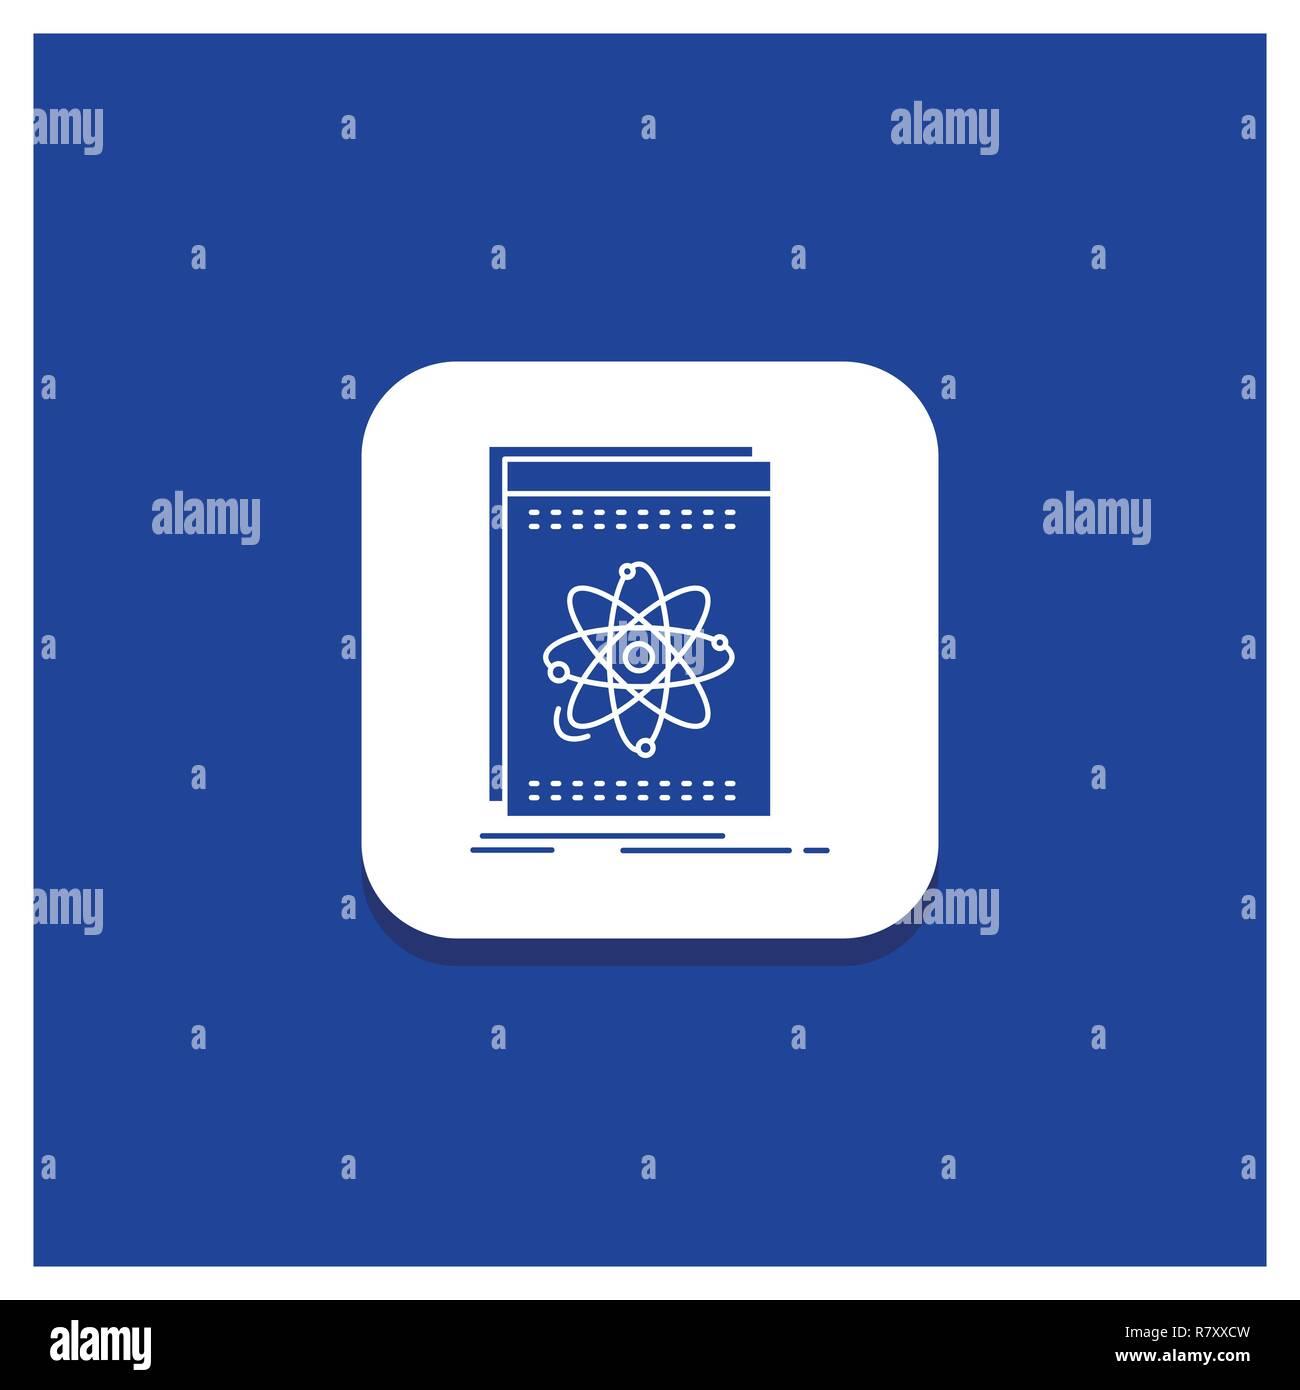 Blue Round Button for Api, application, developer, platform